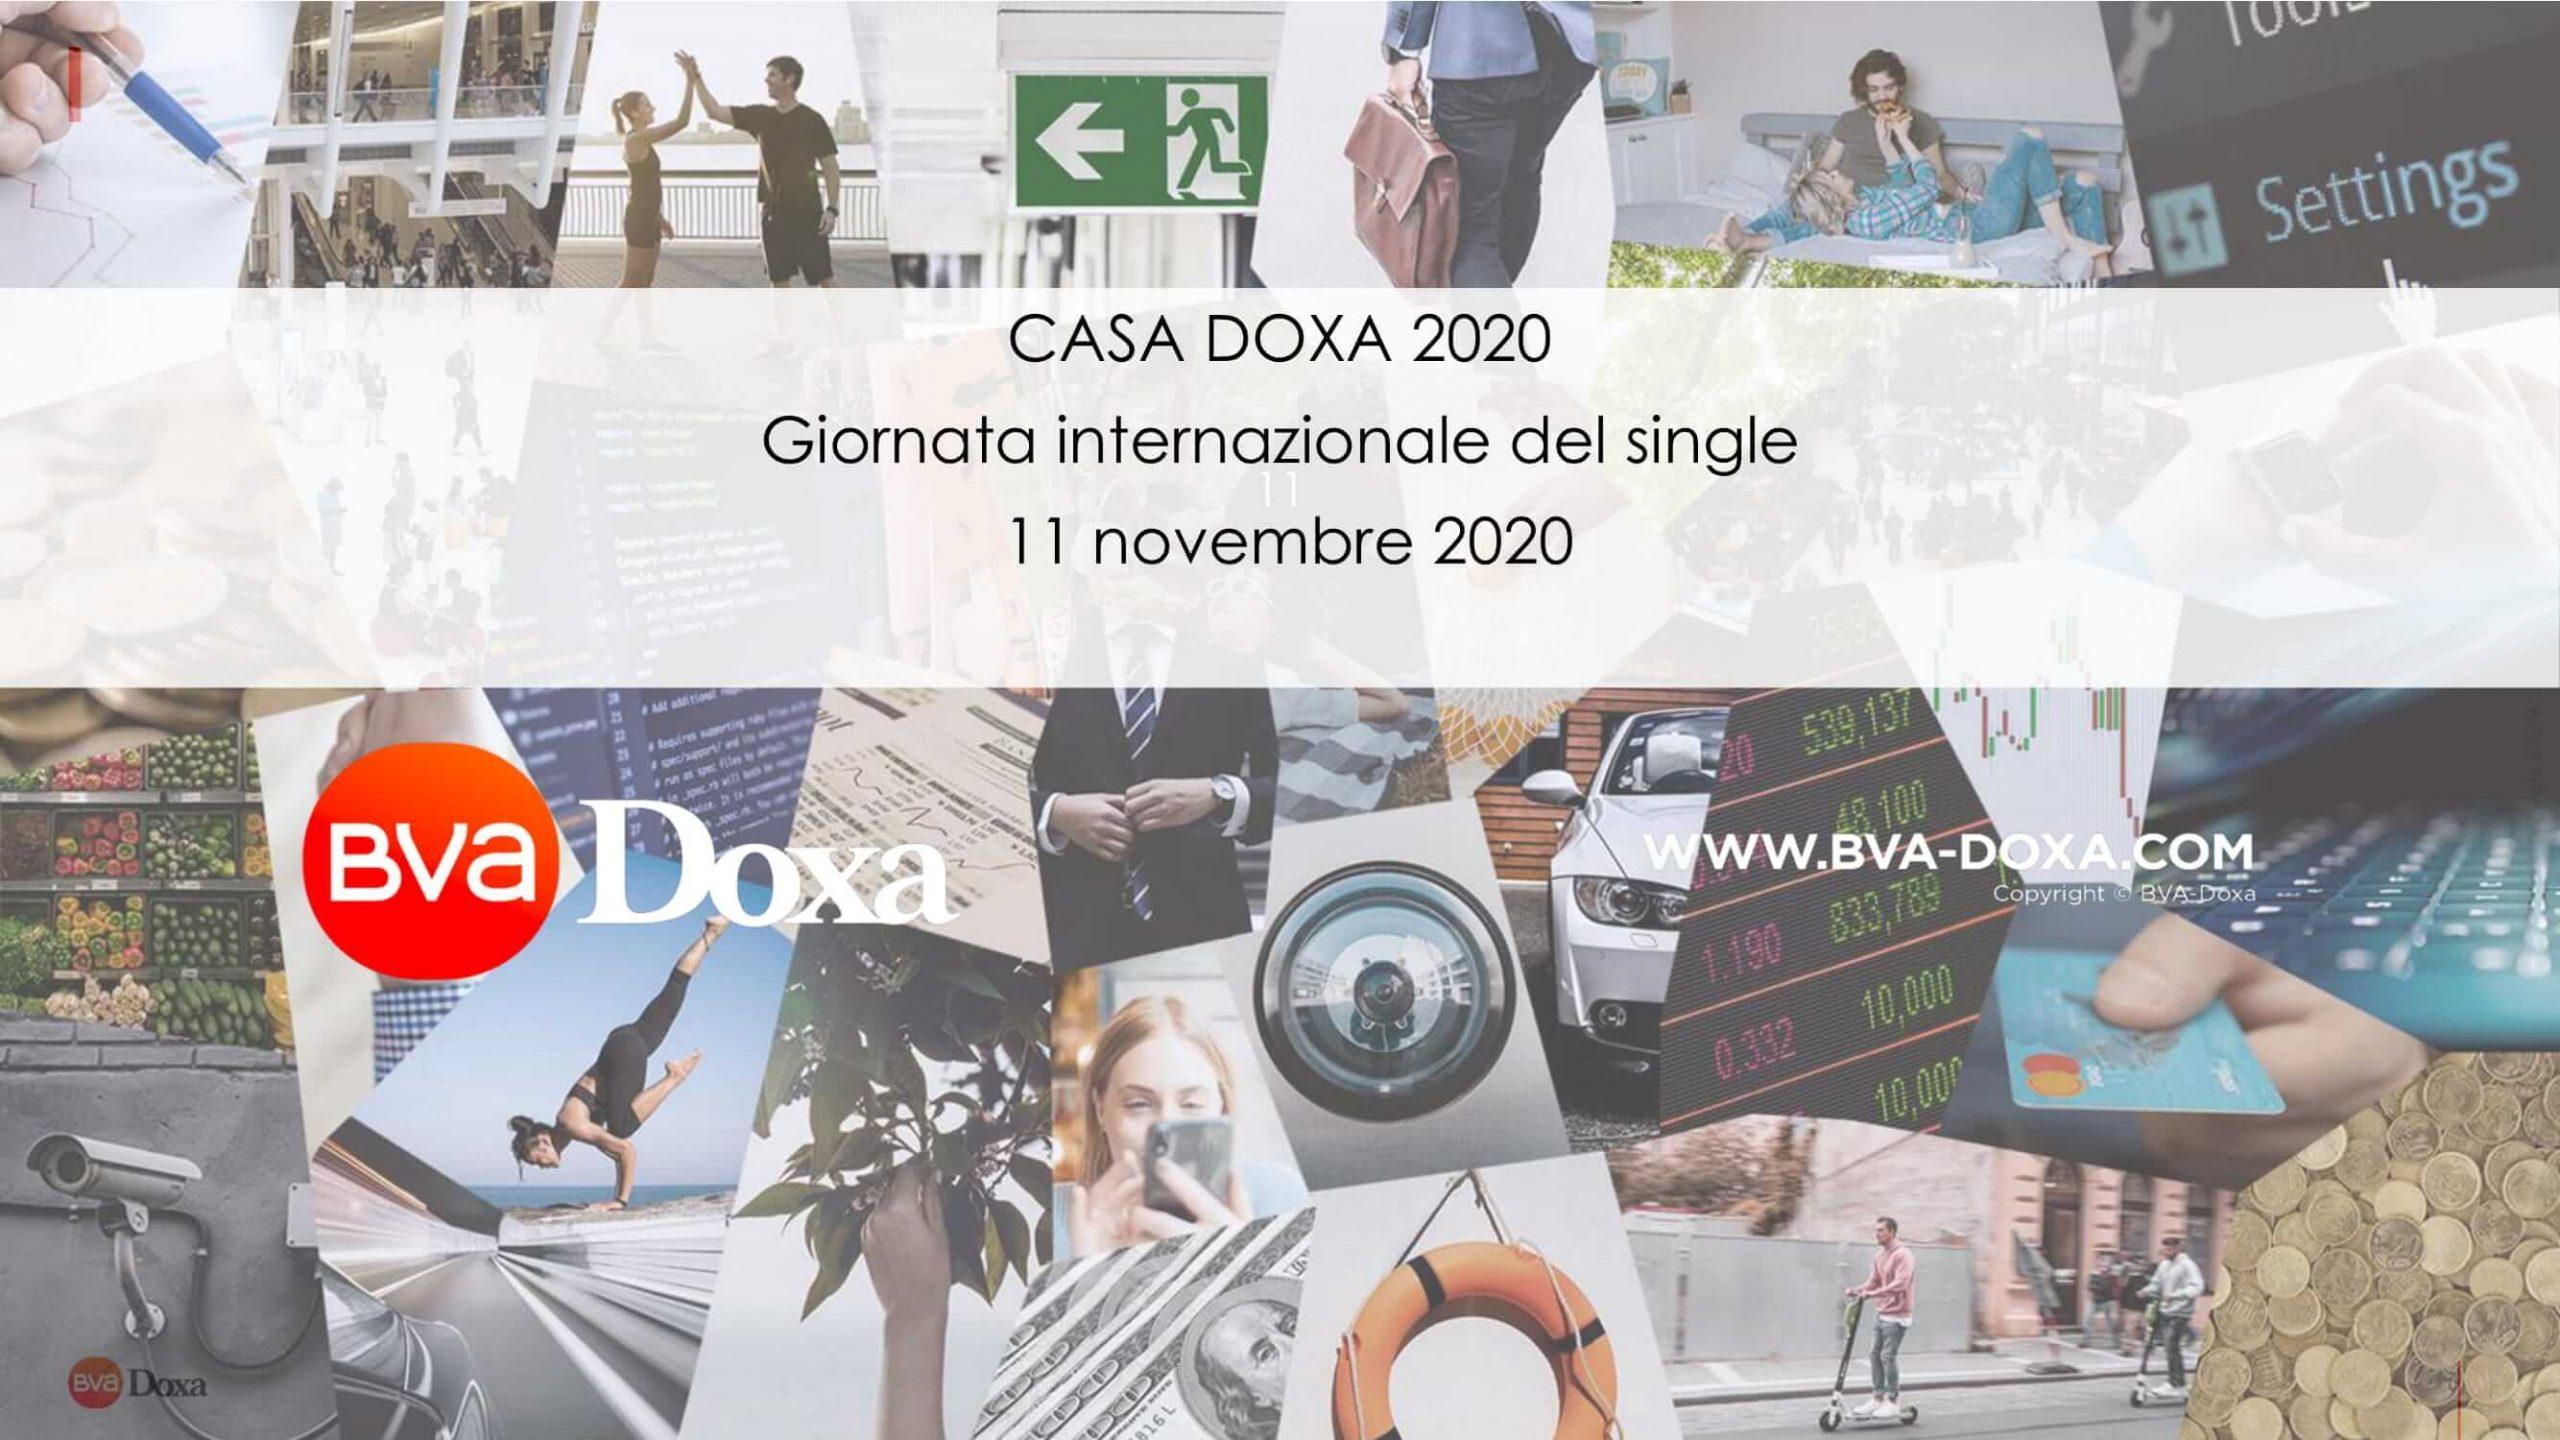 Casadoxa 2020 Giornata Internazionale Dei Single 2020 11 11 01